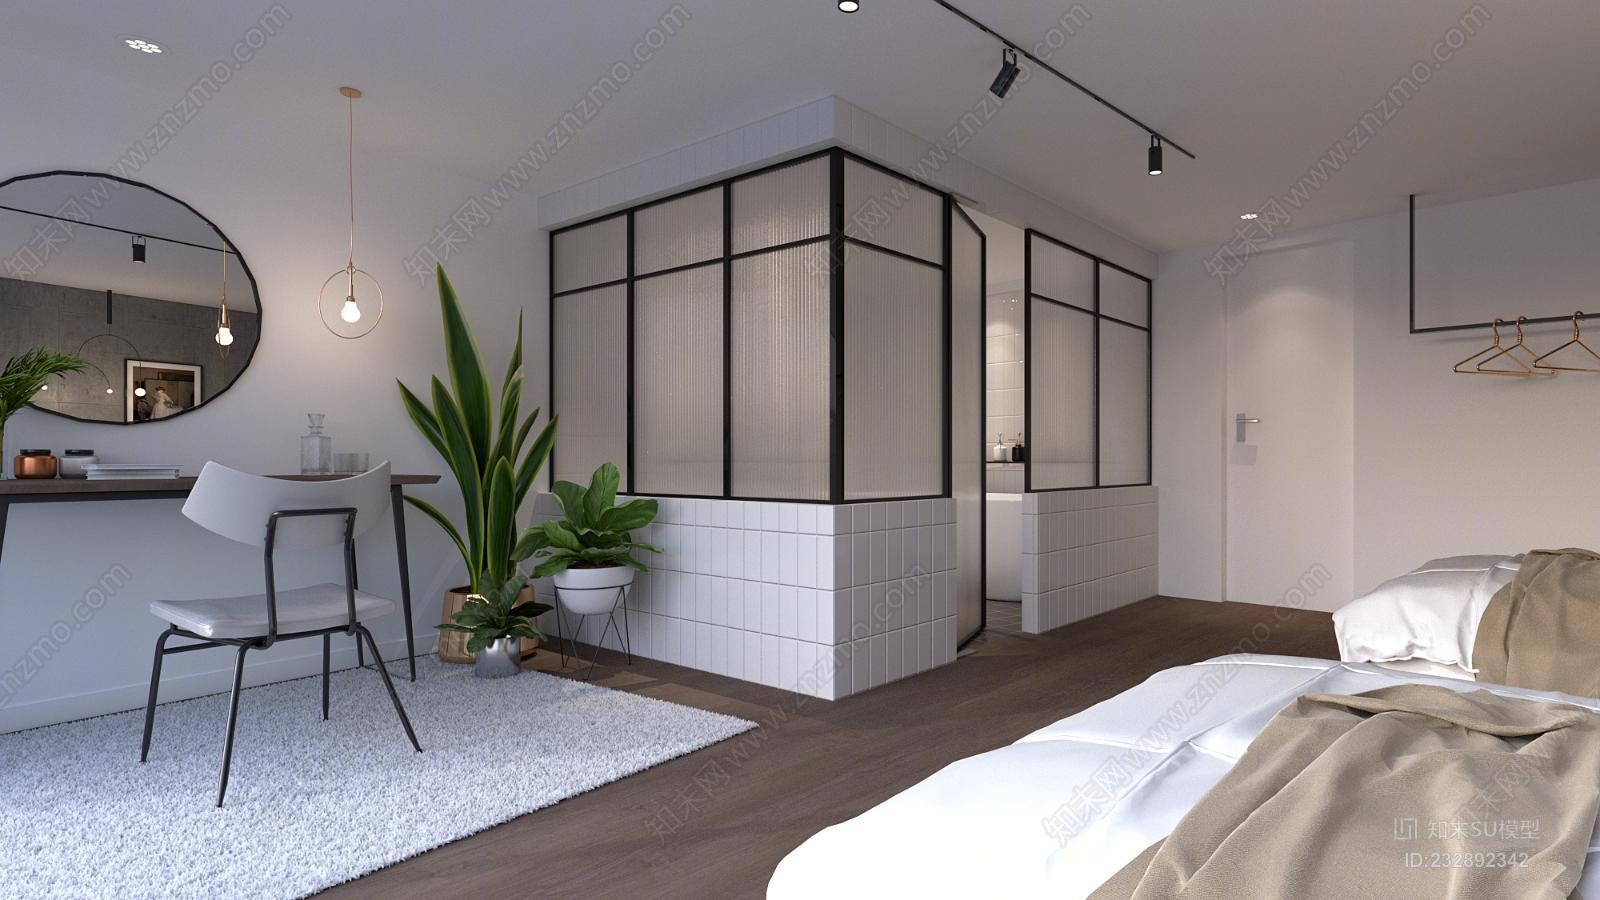 现代风格梳妆台植物浴缸挂画吊灯标间床玻璃杯组合